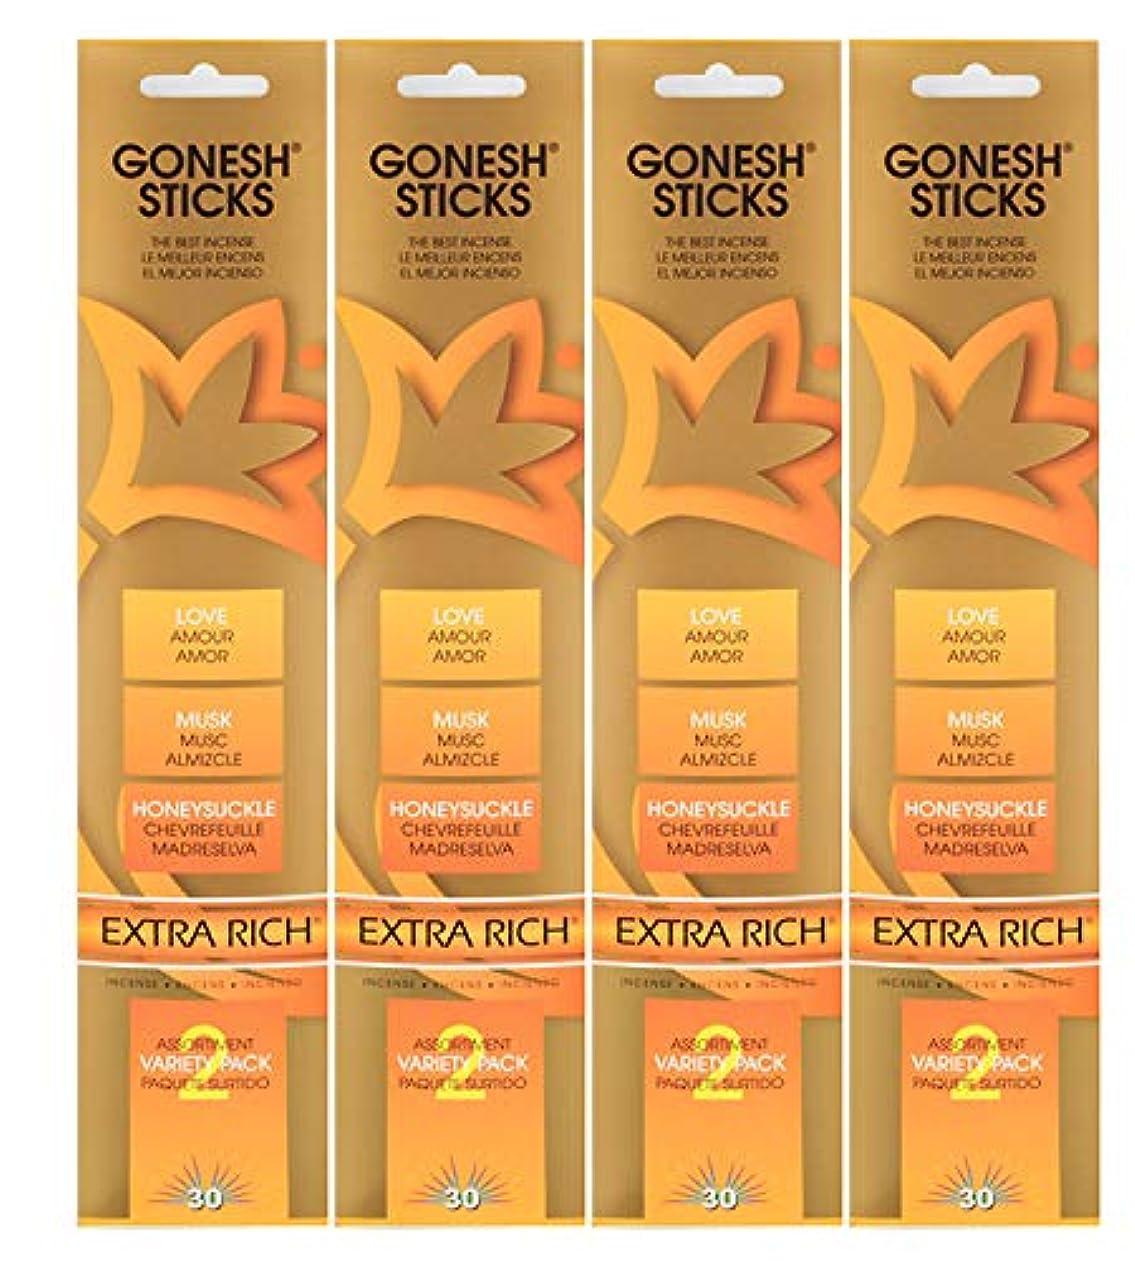 許可スコア雇用者Gonesh Incense Sticks – Extra Rich Variety Pack # 2 (愛、ムスク、スイカズラ) Lot of 4